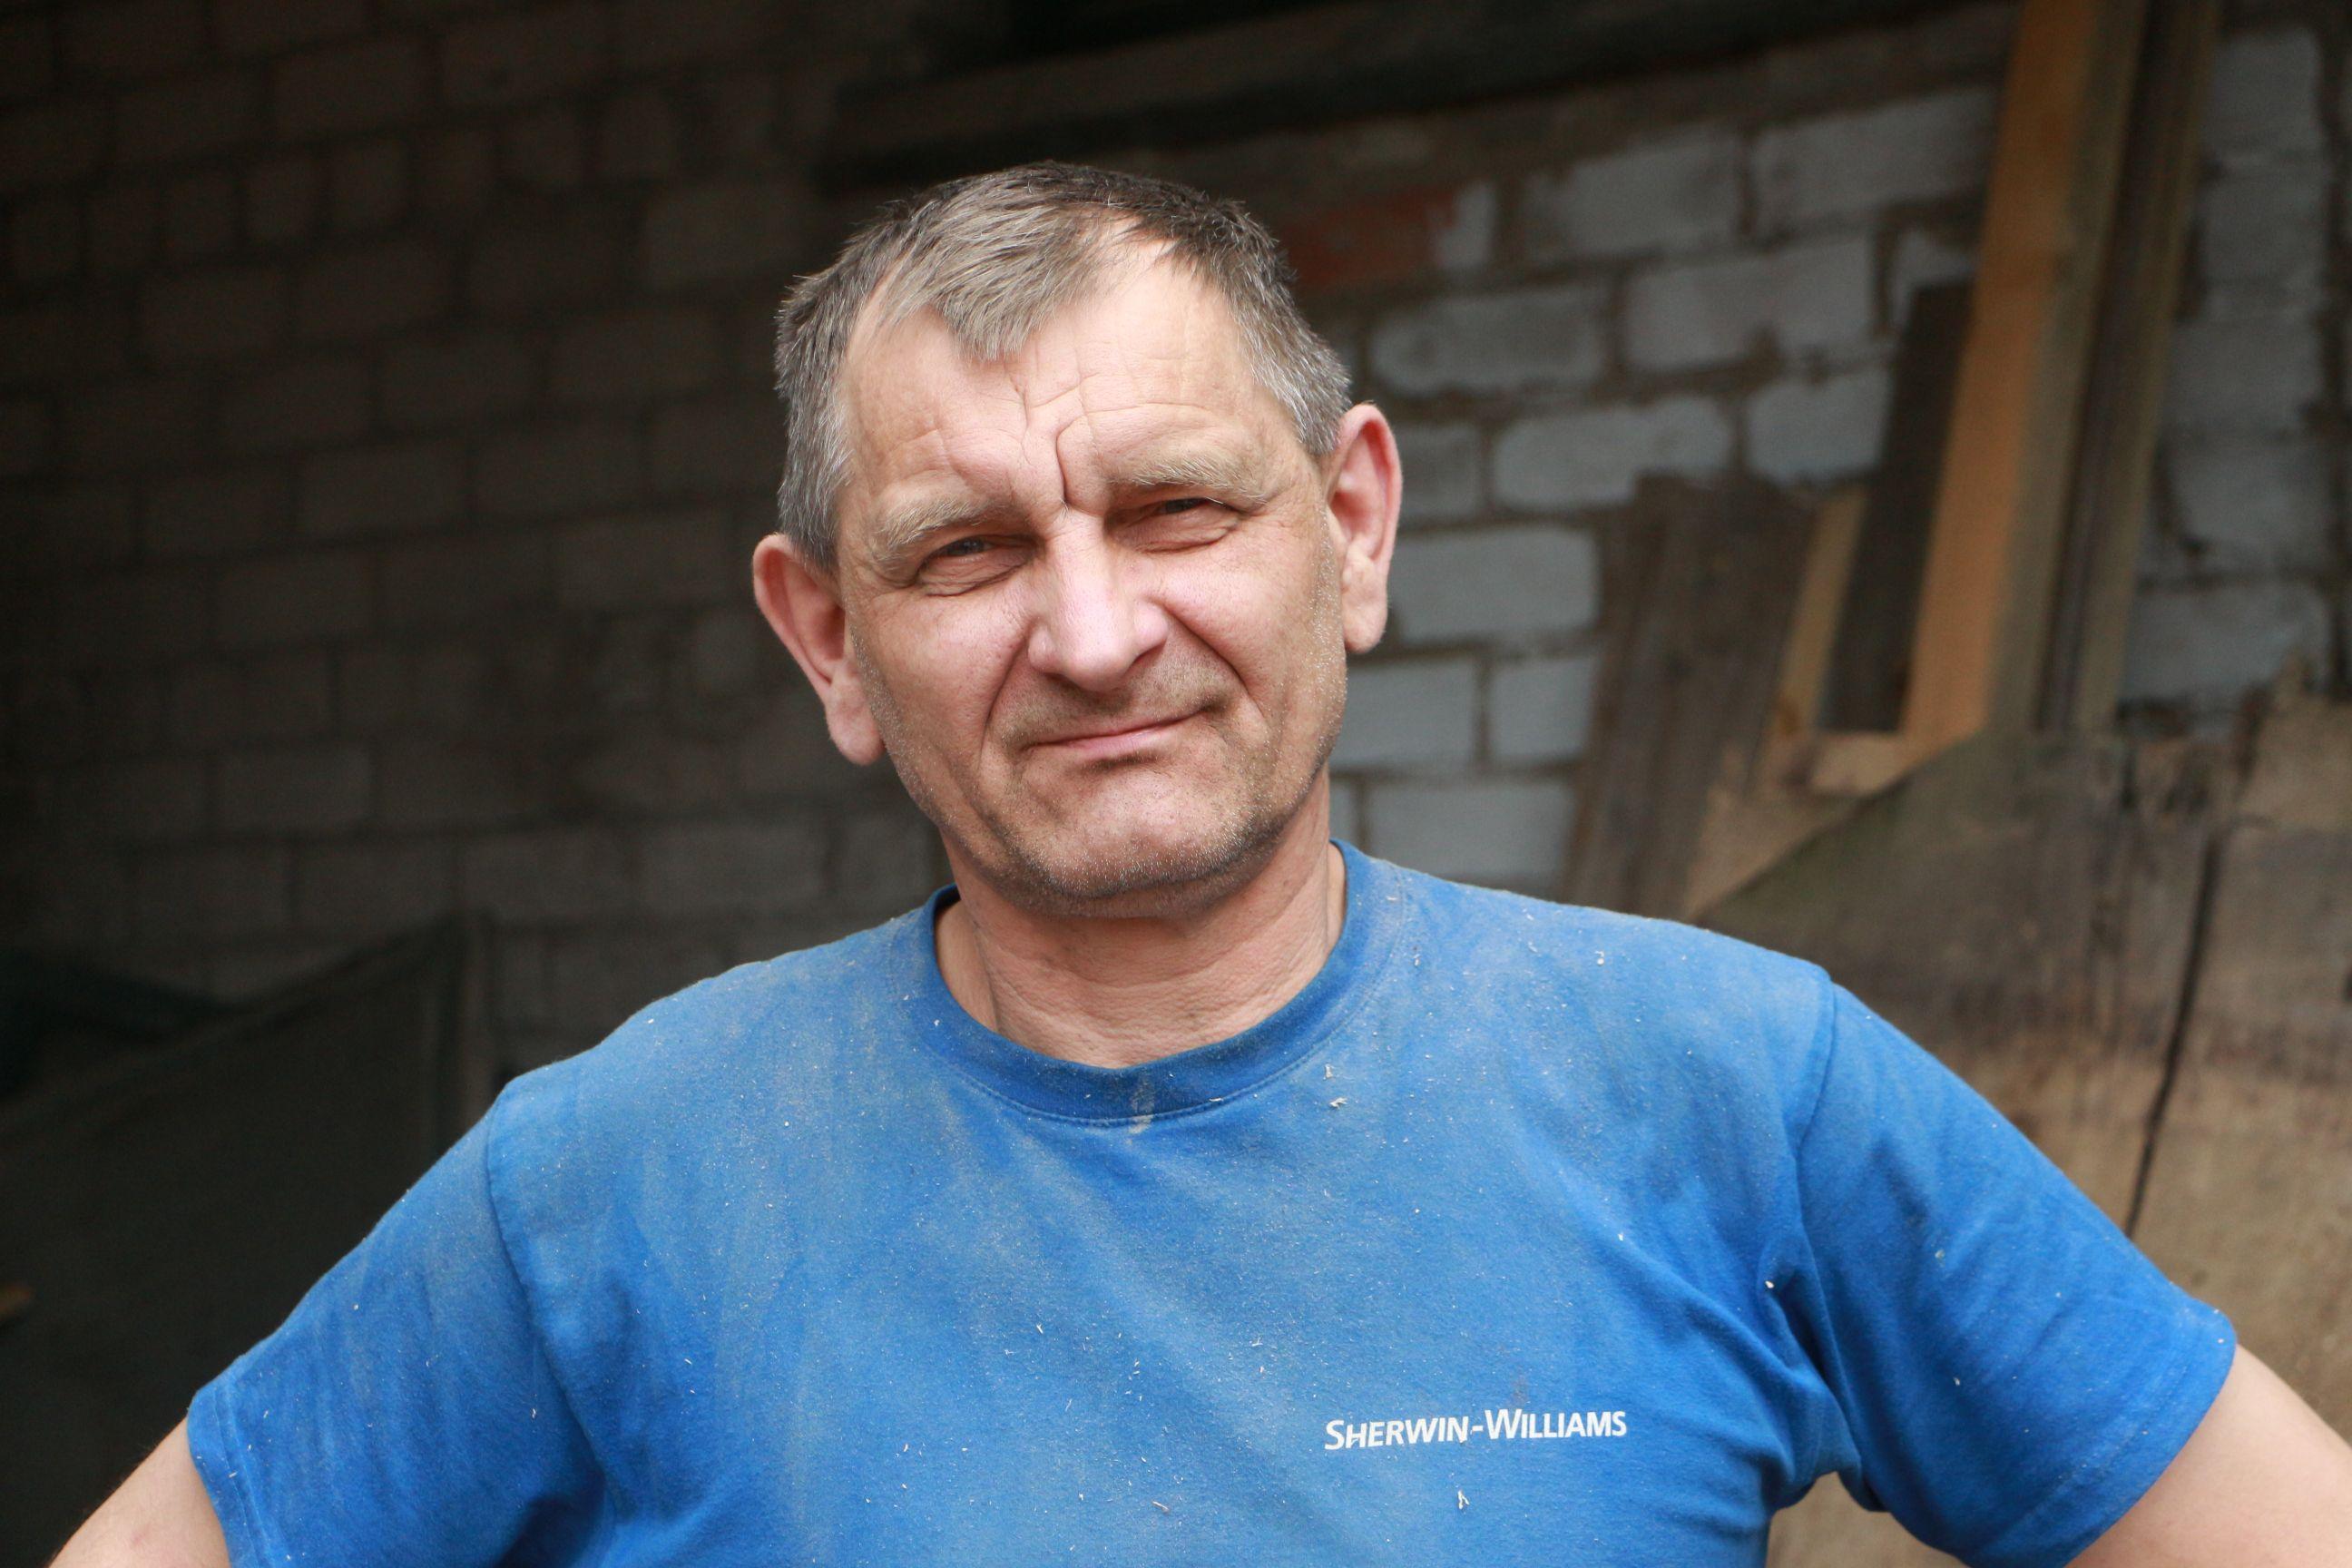 Langakiuose visą savo gyvenimą praleidęs Arvydas Subačius pradėjusiame nykti pastate 1993–1994 metais įsirengė stalių dirbtuves. / D. Borodinaitės nuotr.